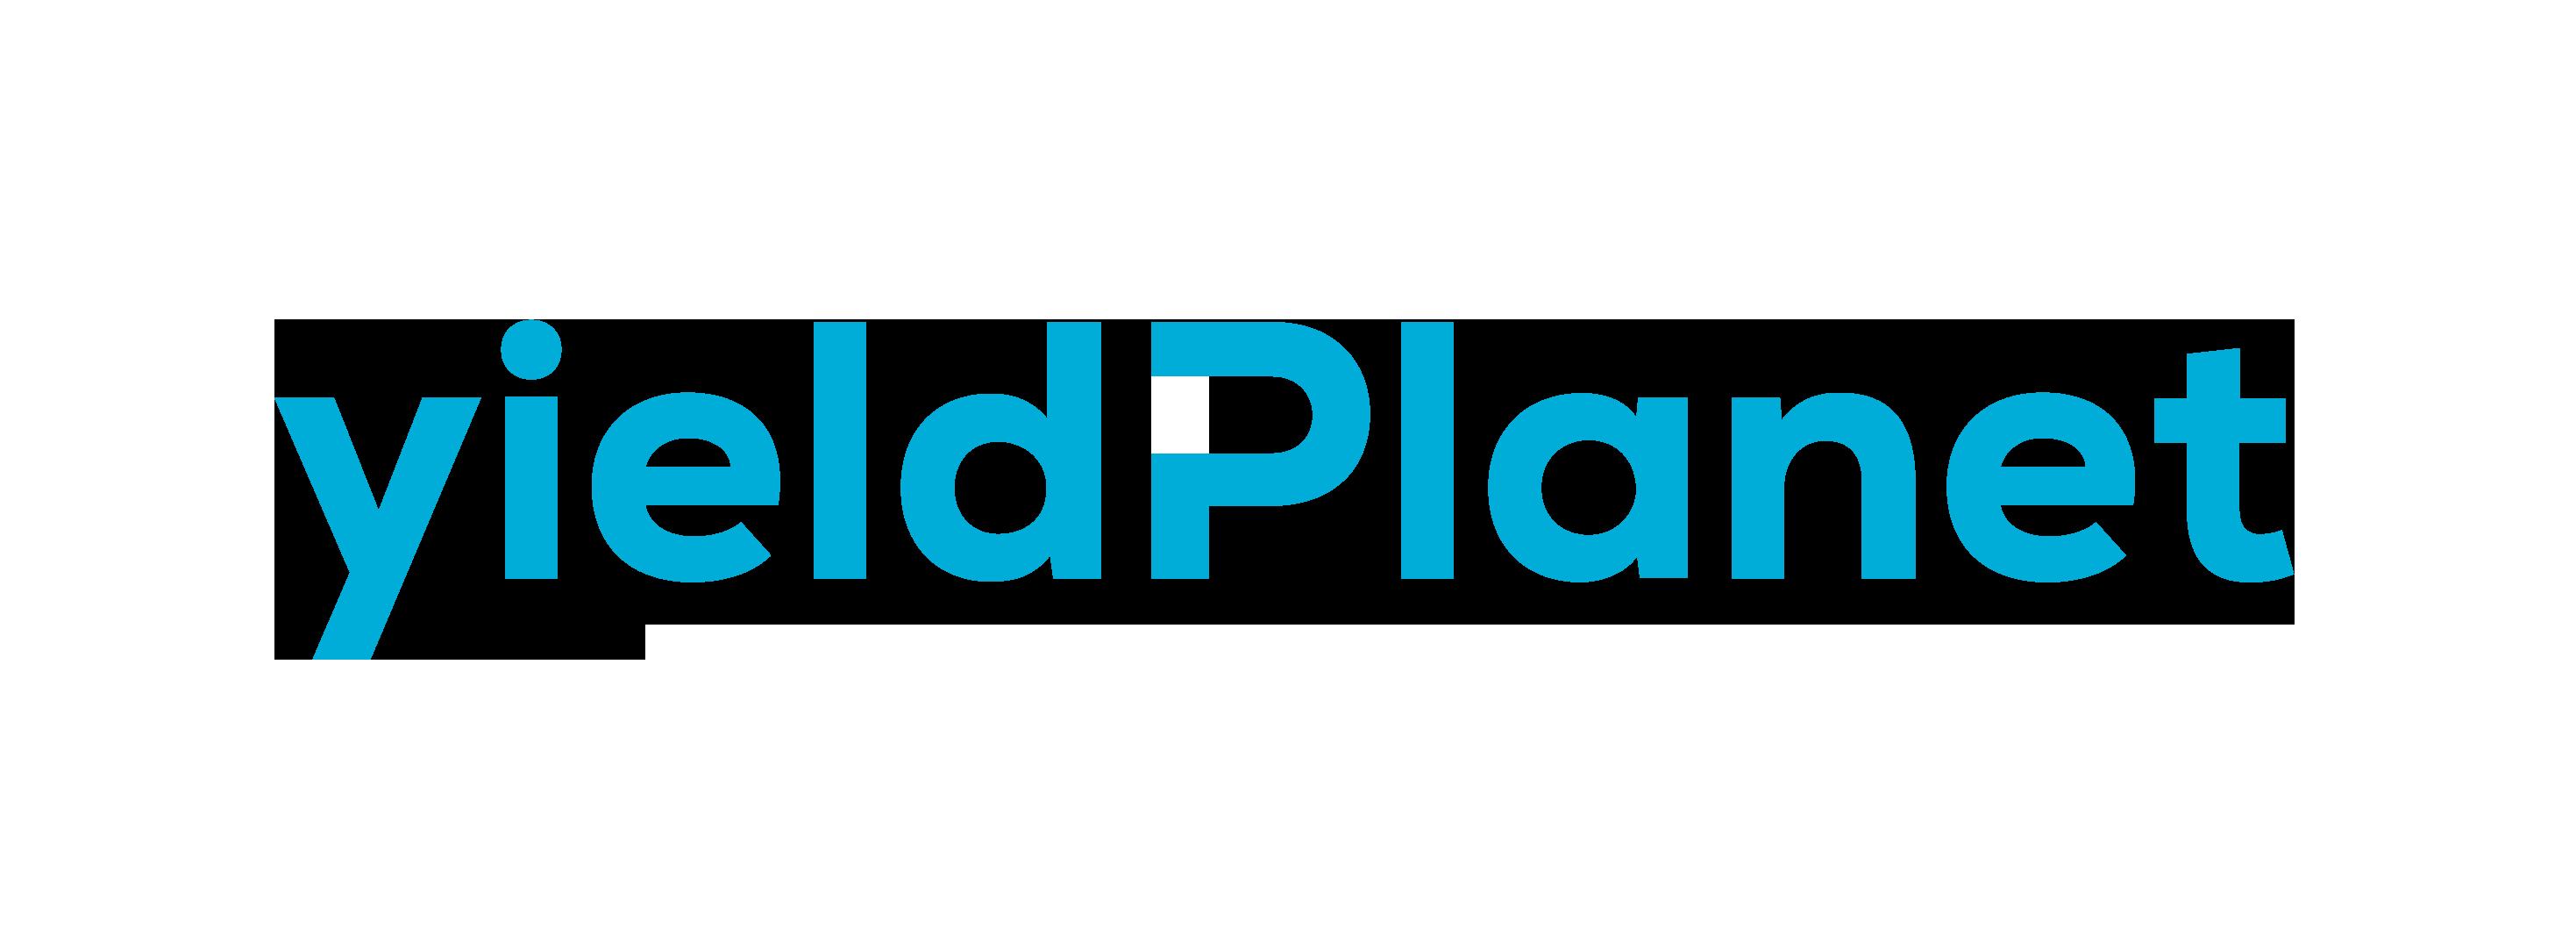 yieldplanet-logo